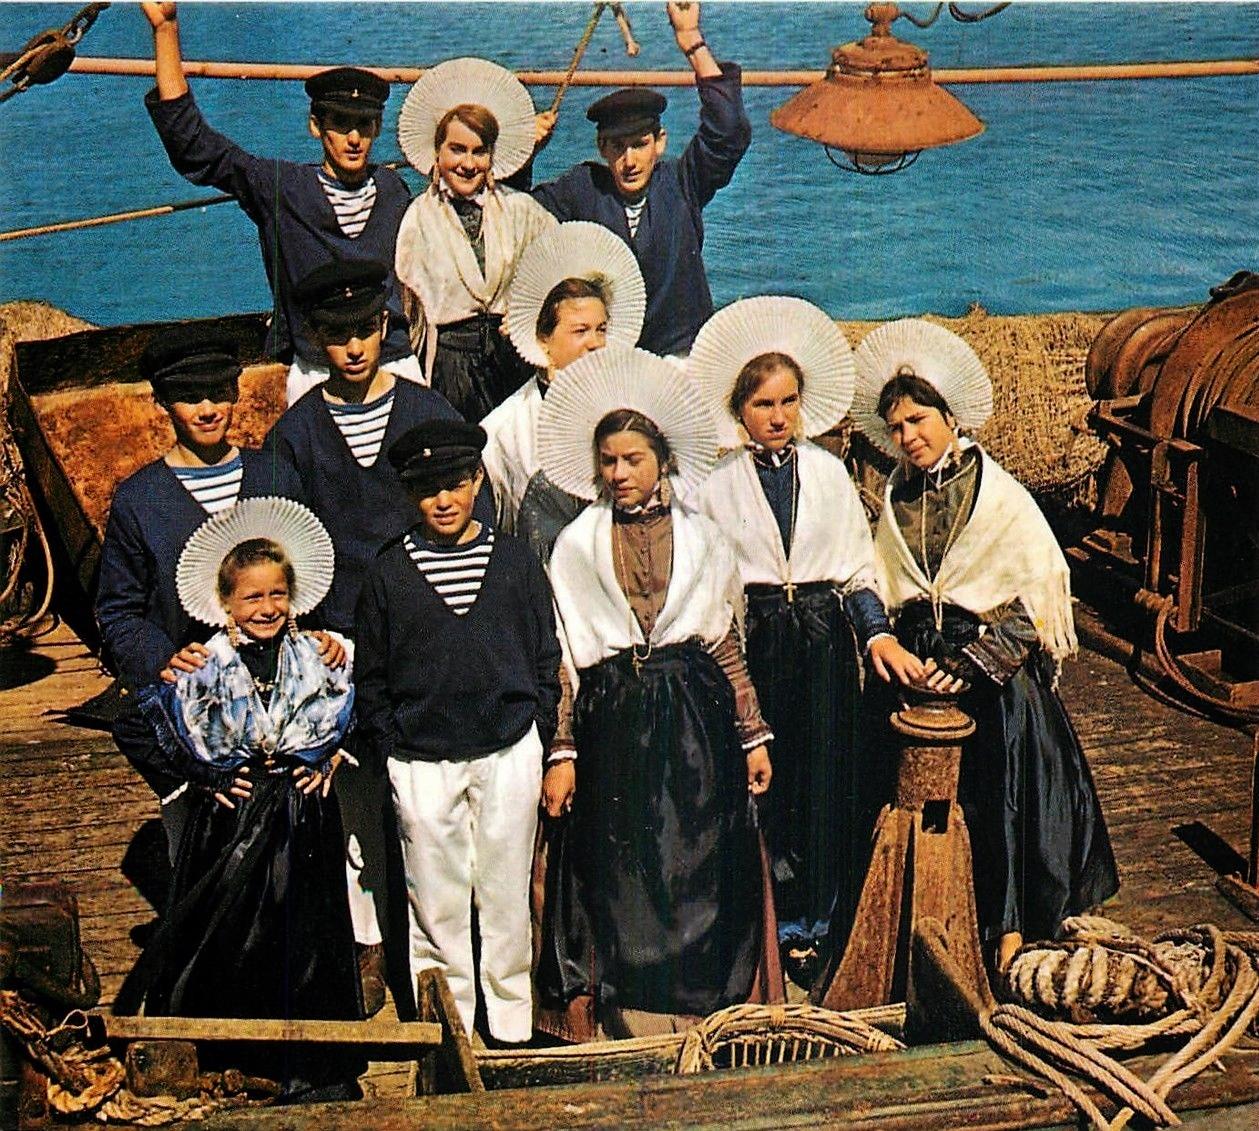 Calais groupe folklorique sur le bateau